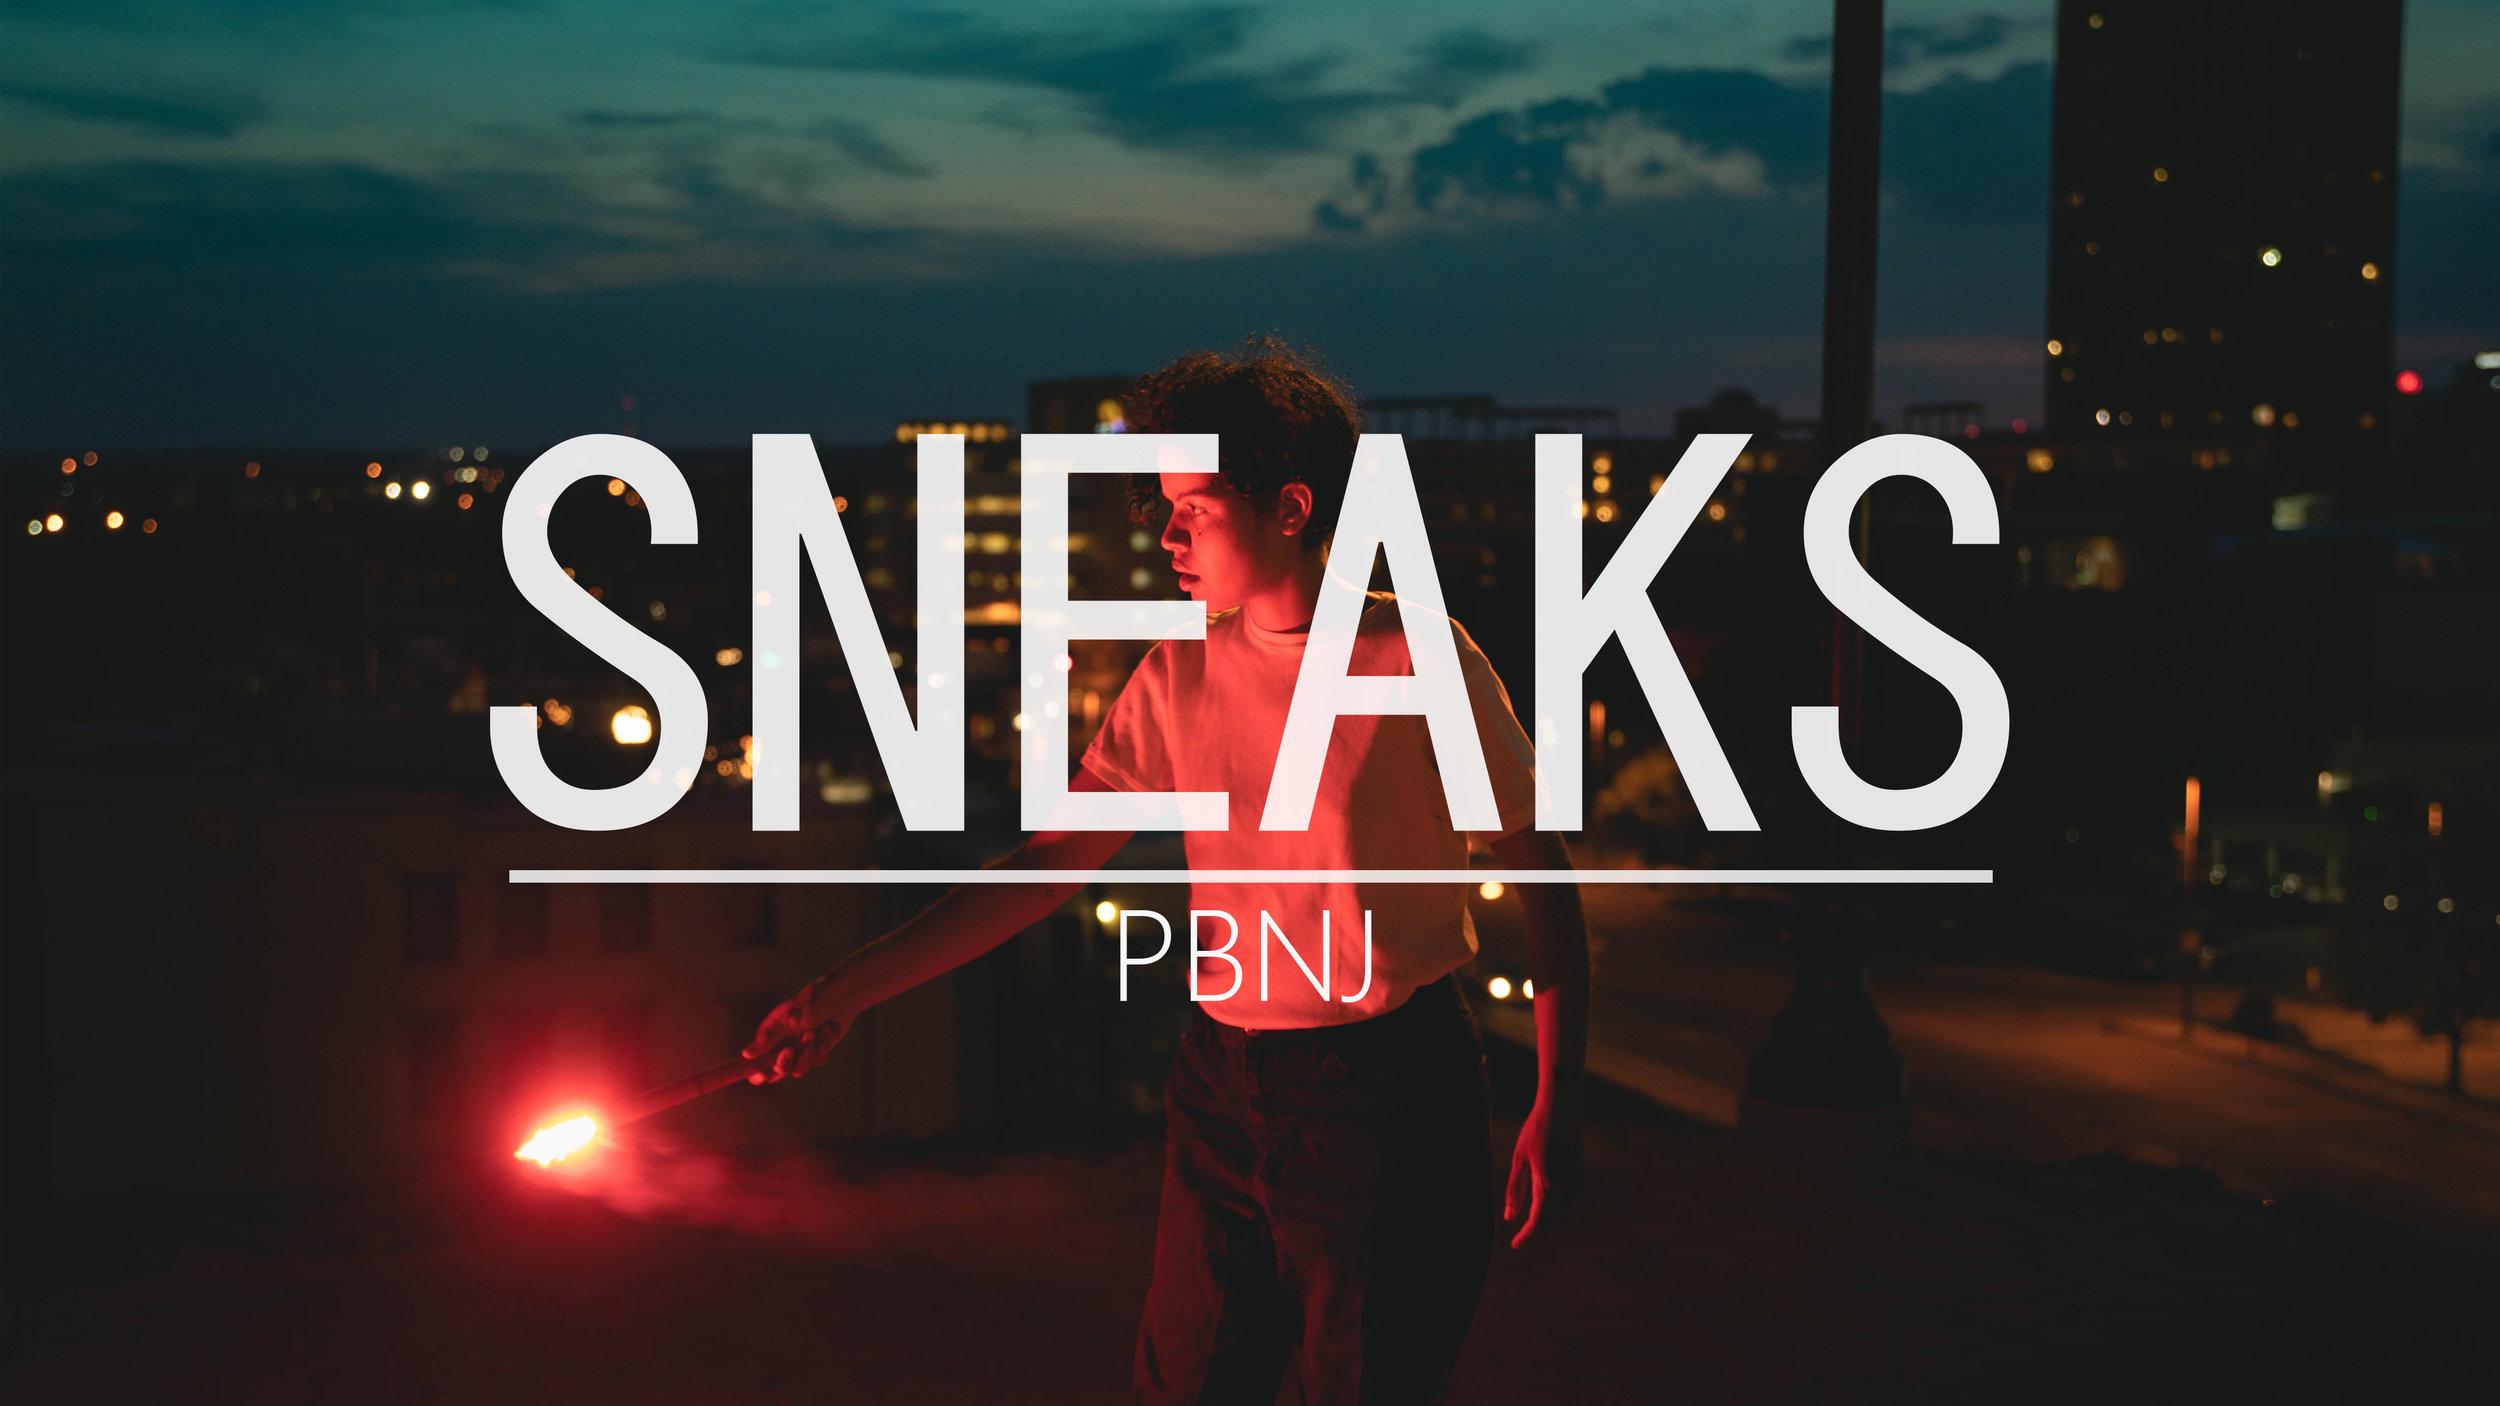 """Sneaks """"PBNJ"""" - Music Video"""